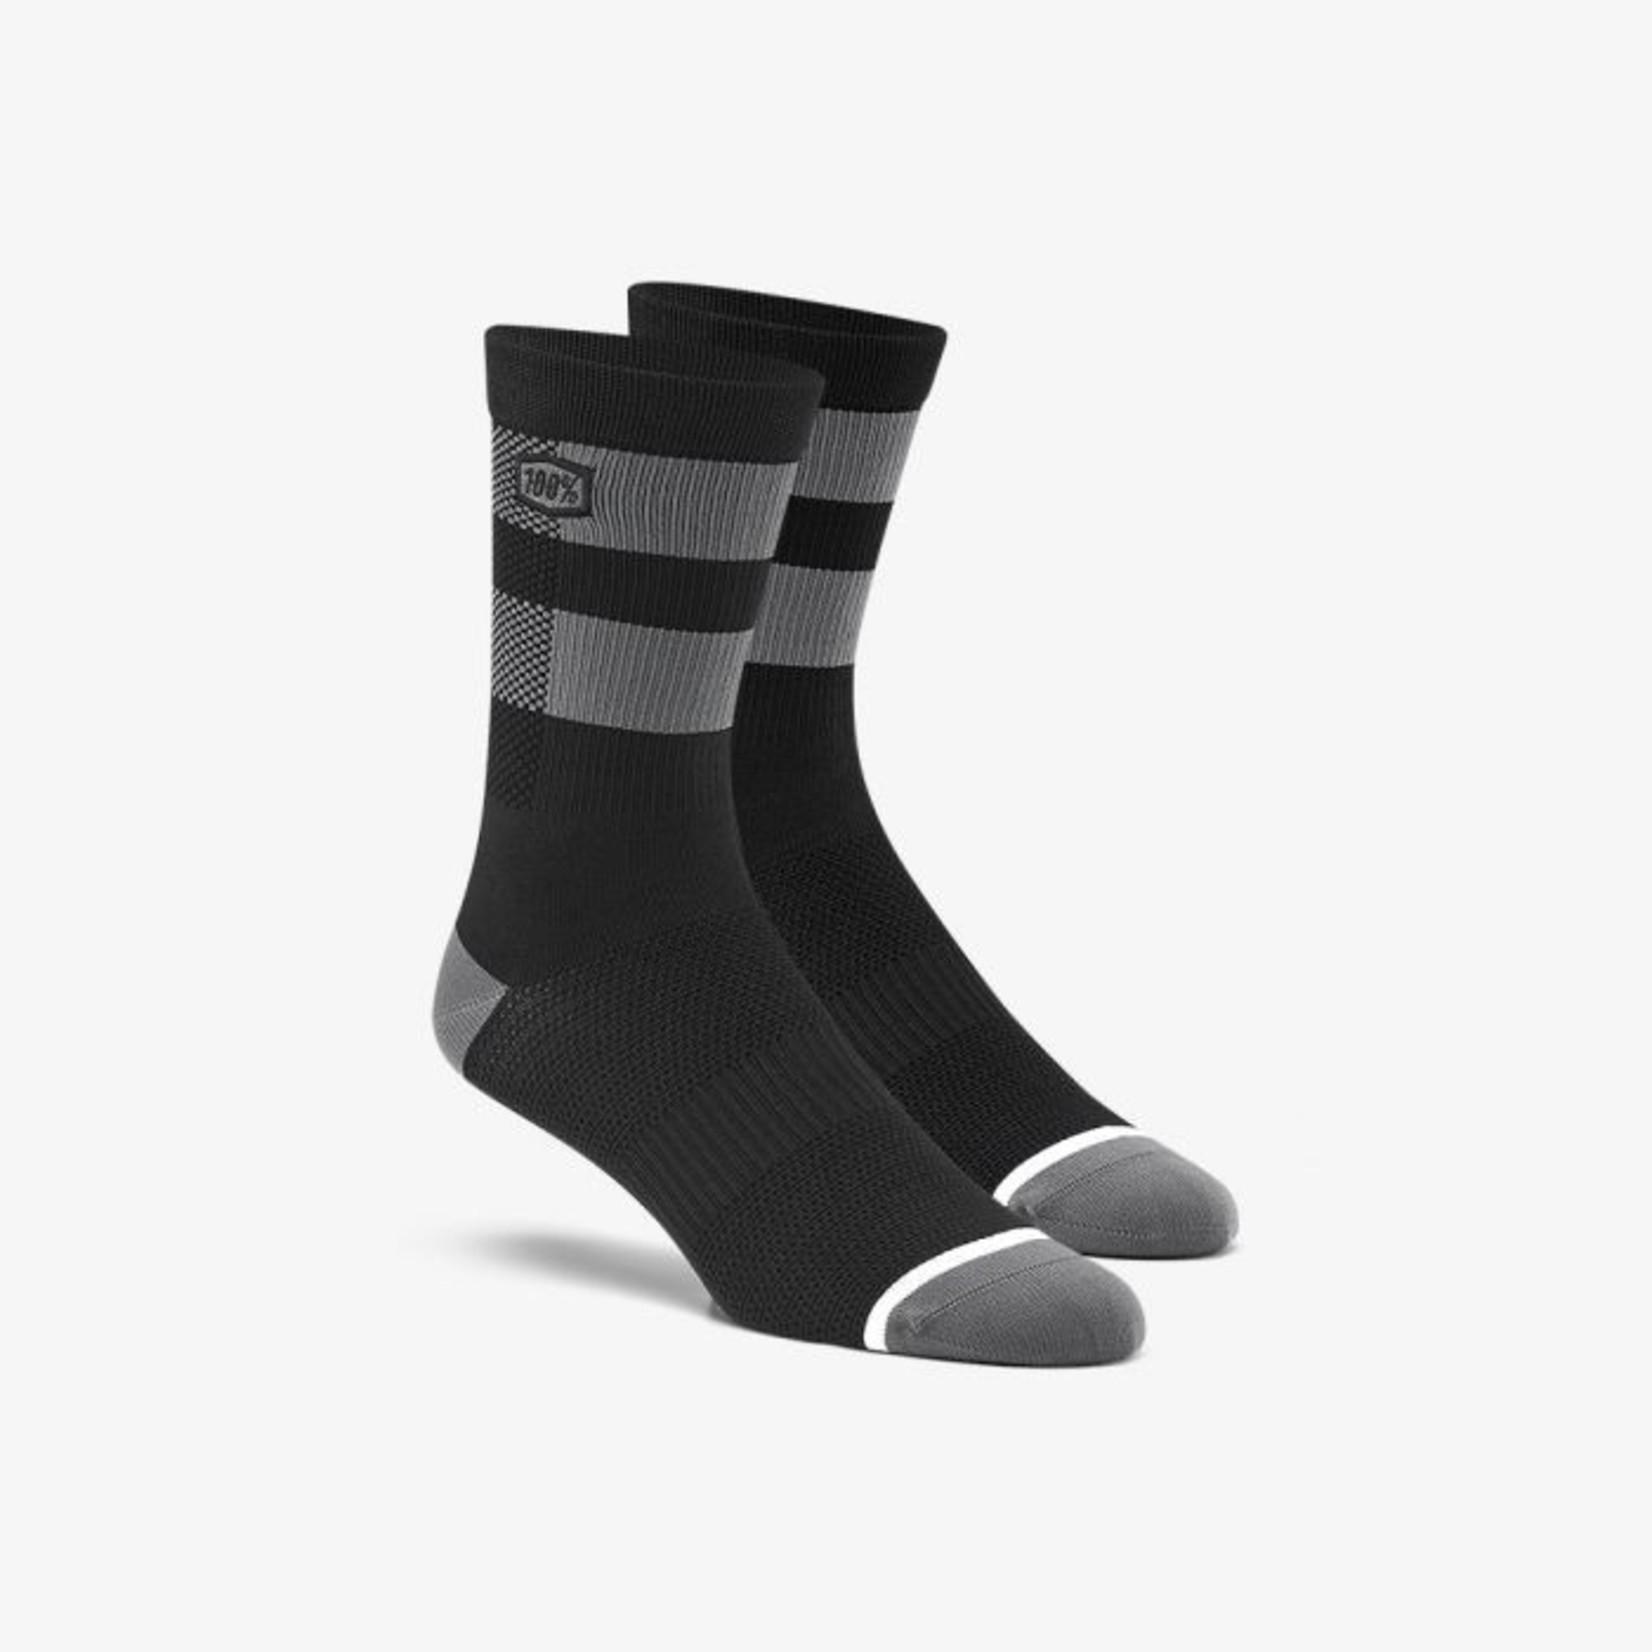 100% 100% Flow Performance Socks